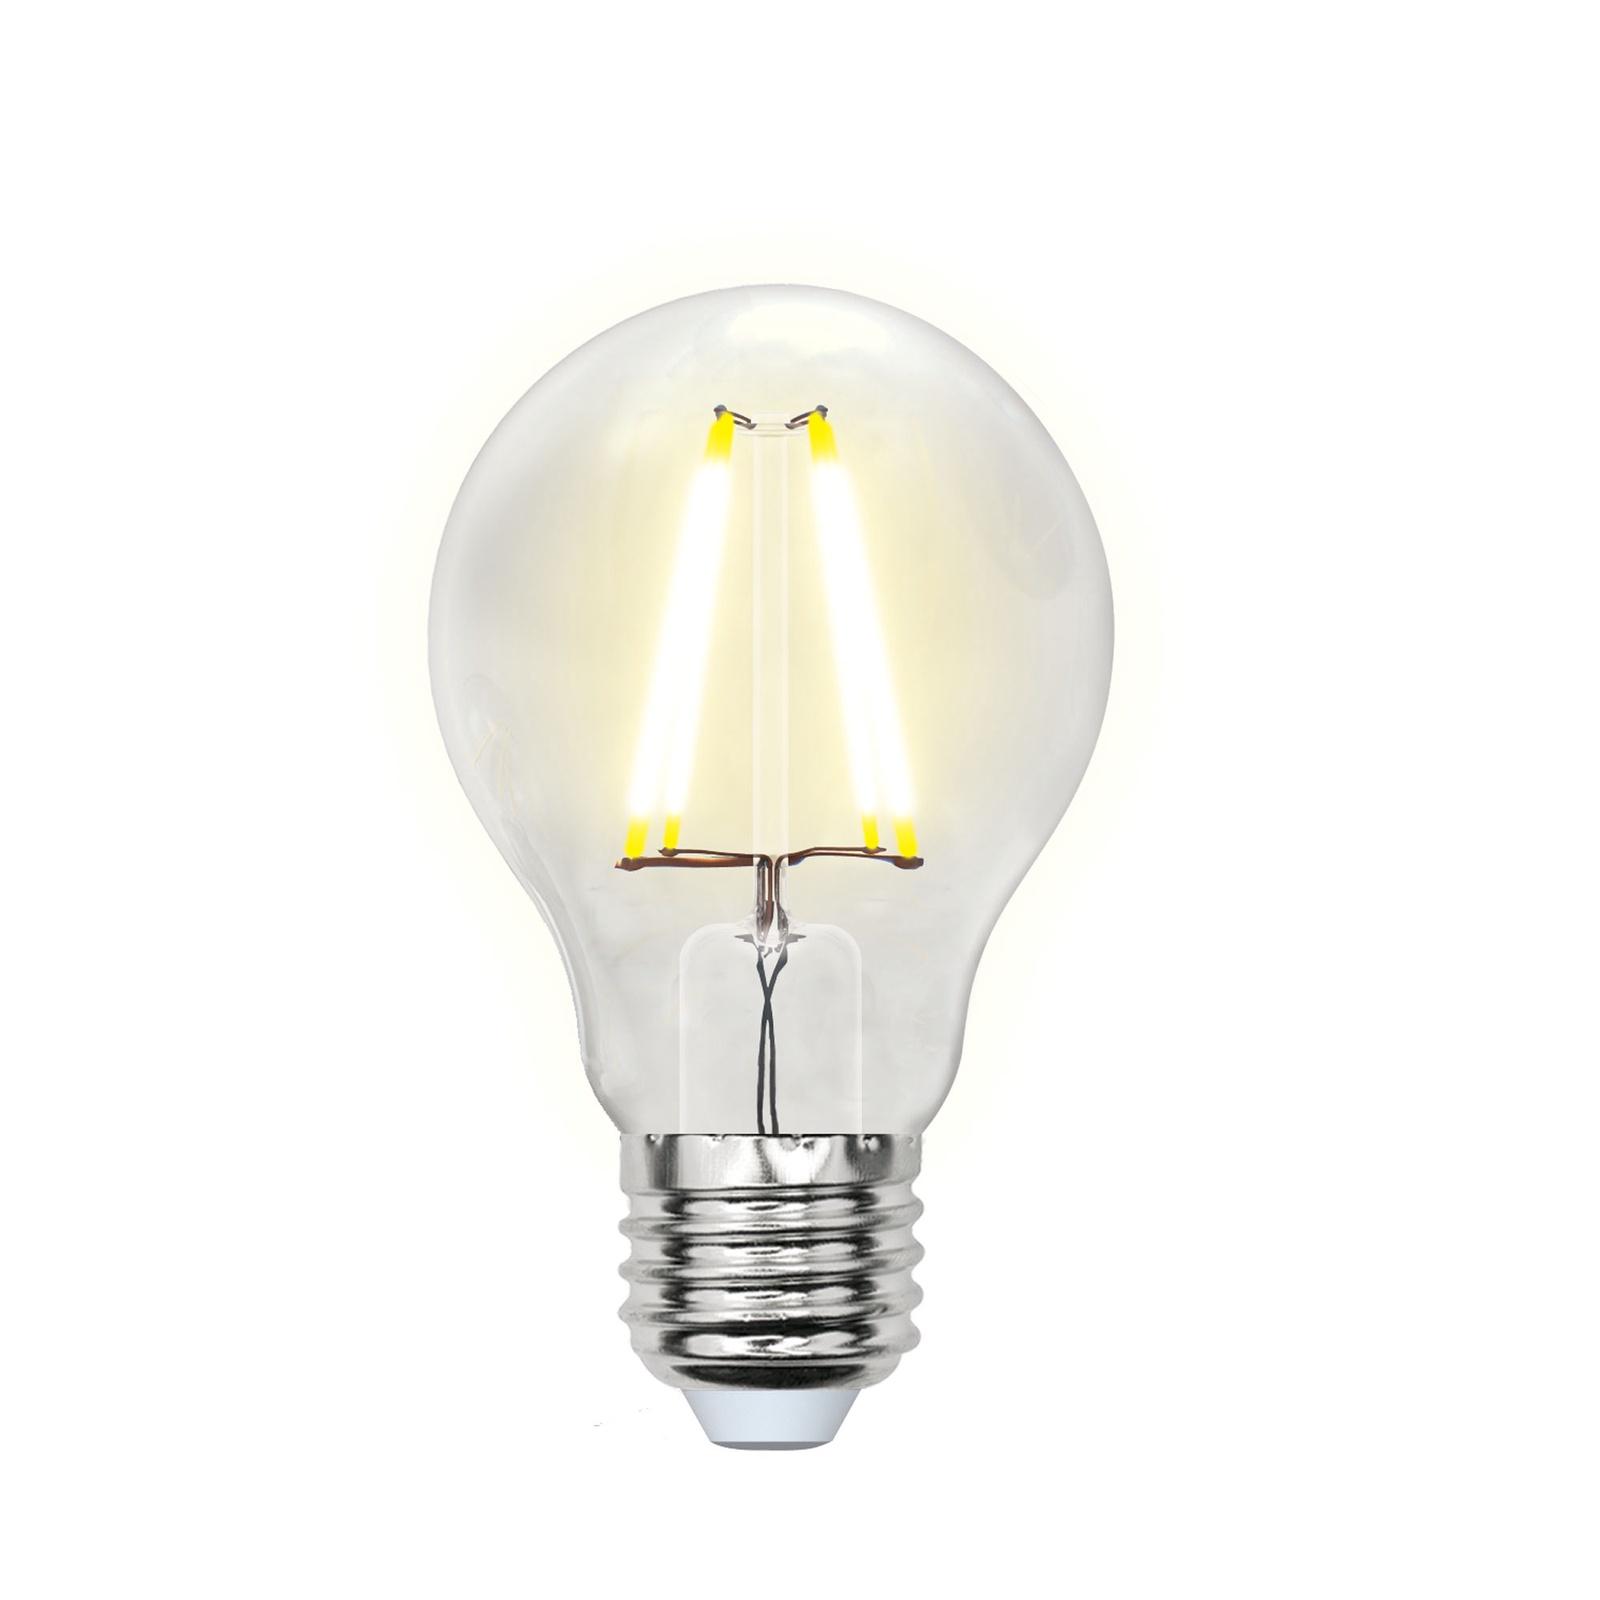 Лампочка Uniel LED-A60-8W/NW/E27/CL 4000K, Нейтральный свет 8 Вт, Светодиодная